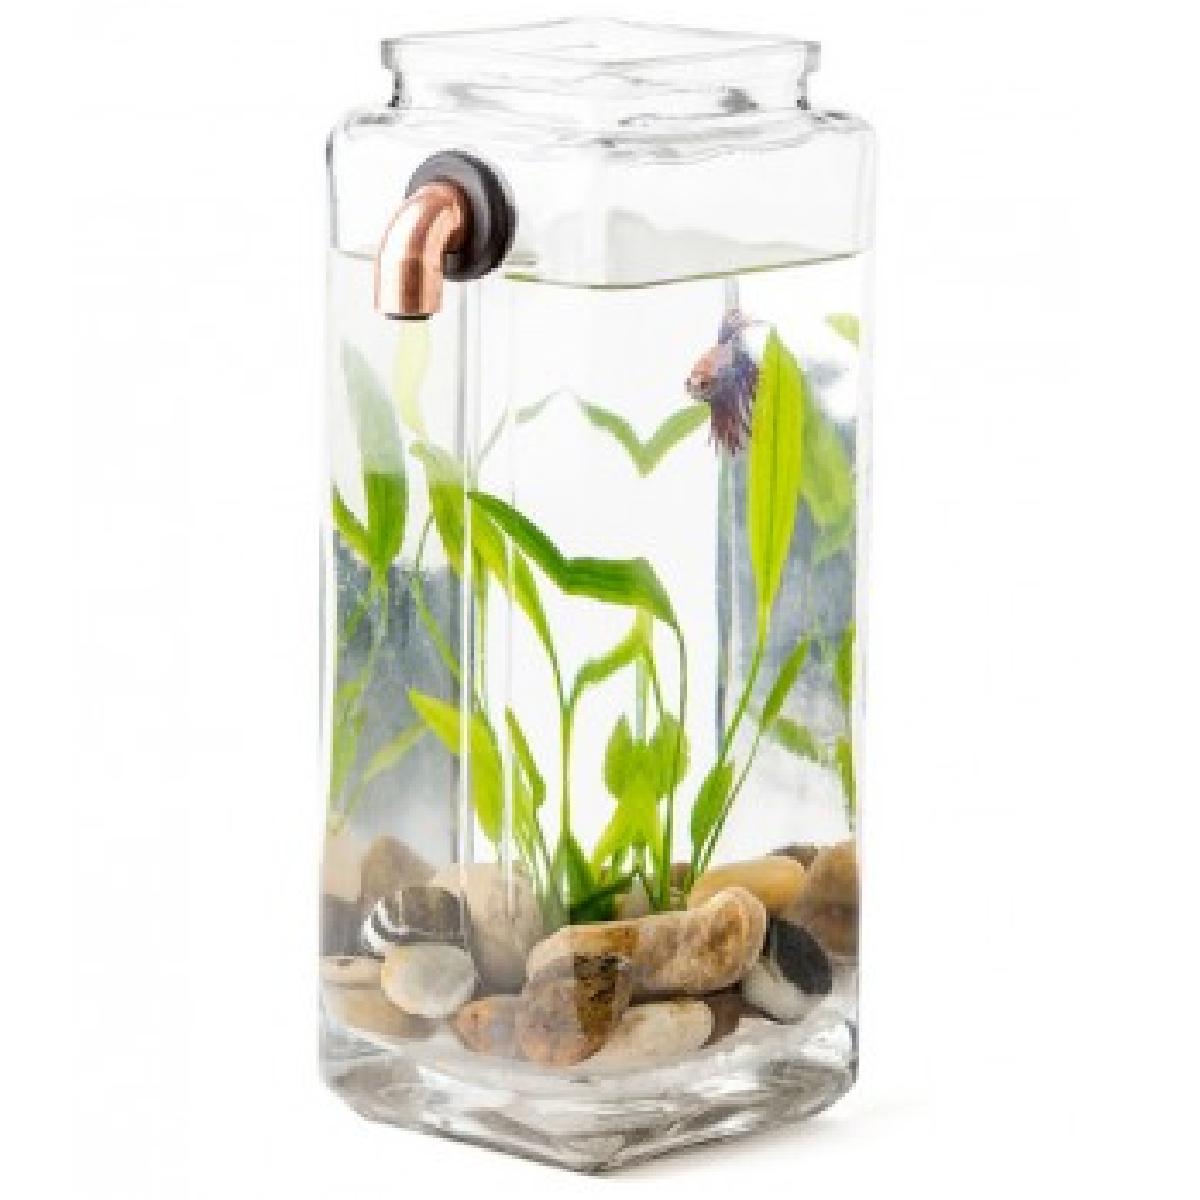 un aquarium autonettoyant